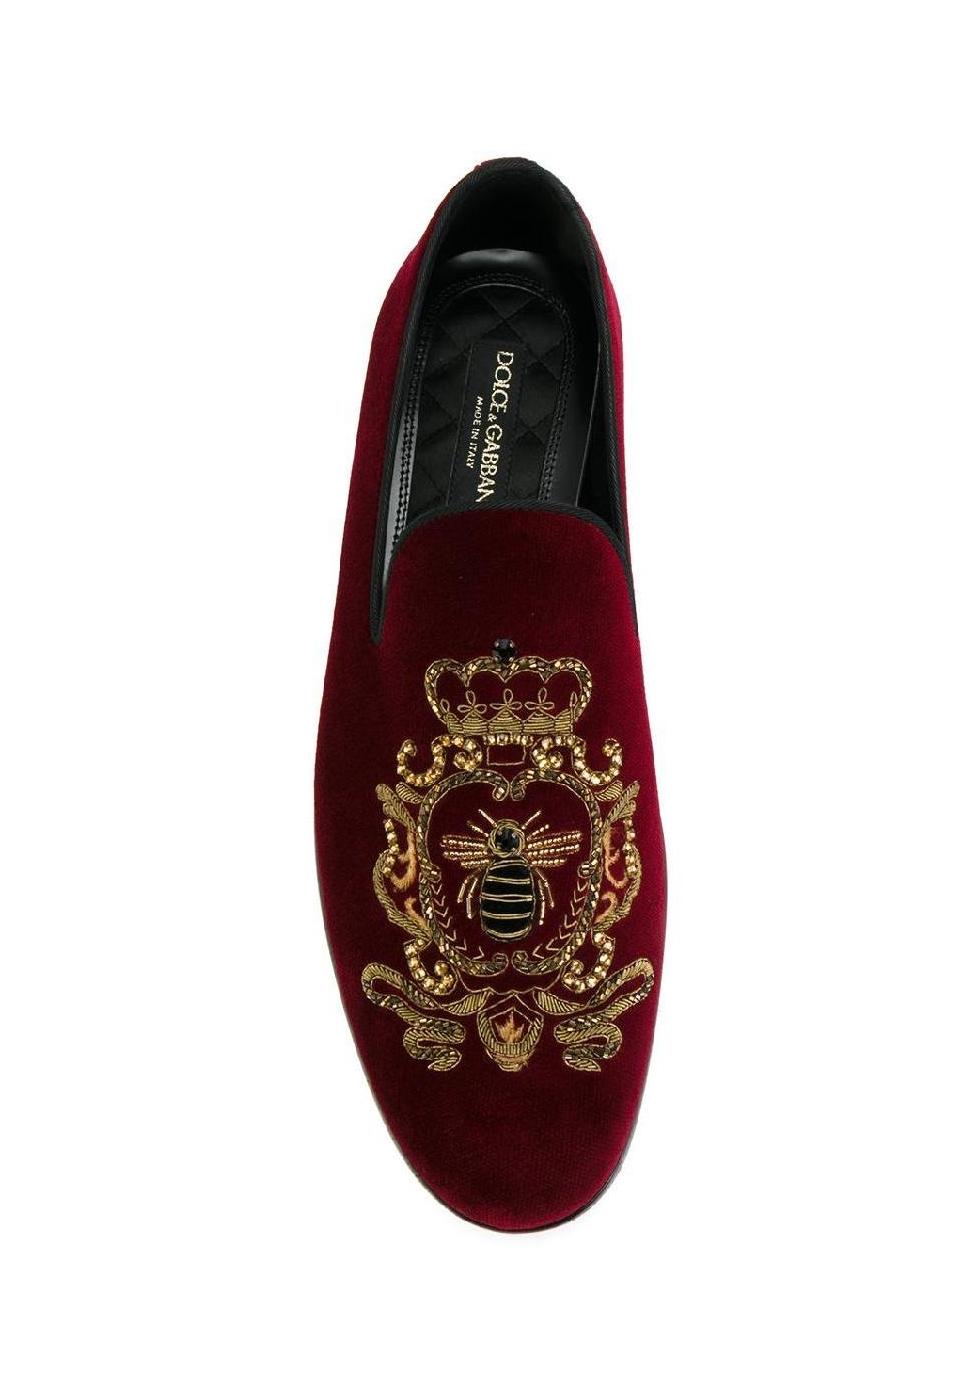 Dolce Amp Gabbana Men S Loafers In Burgundy Velvet Italian Boutique